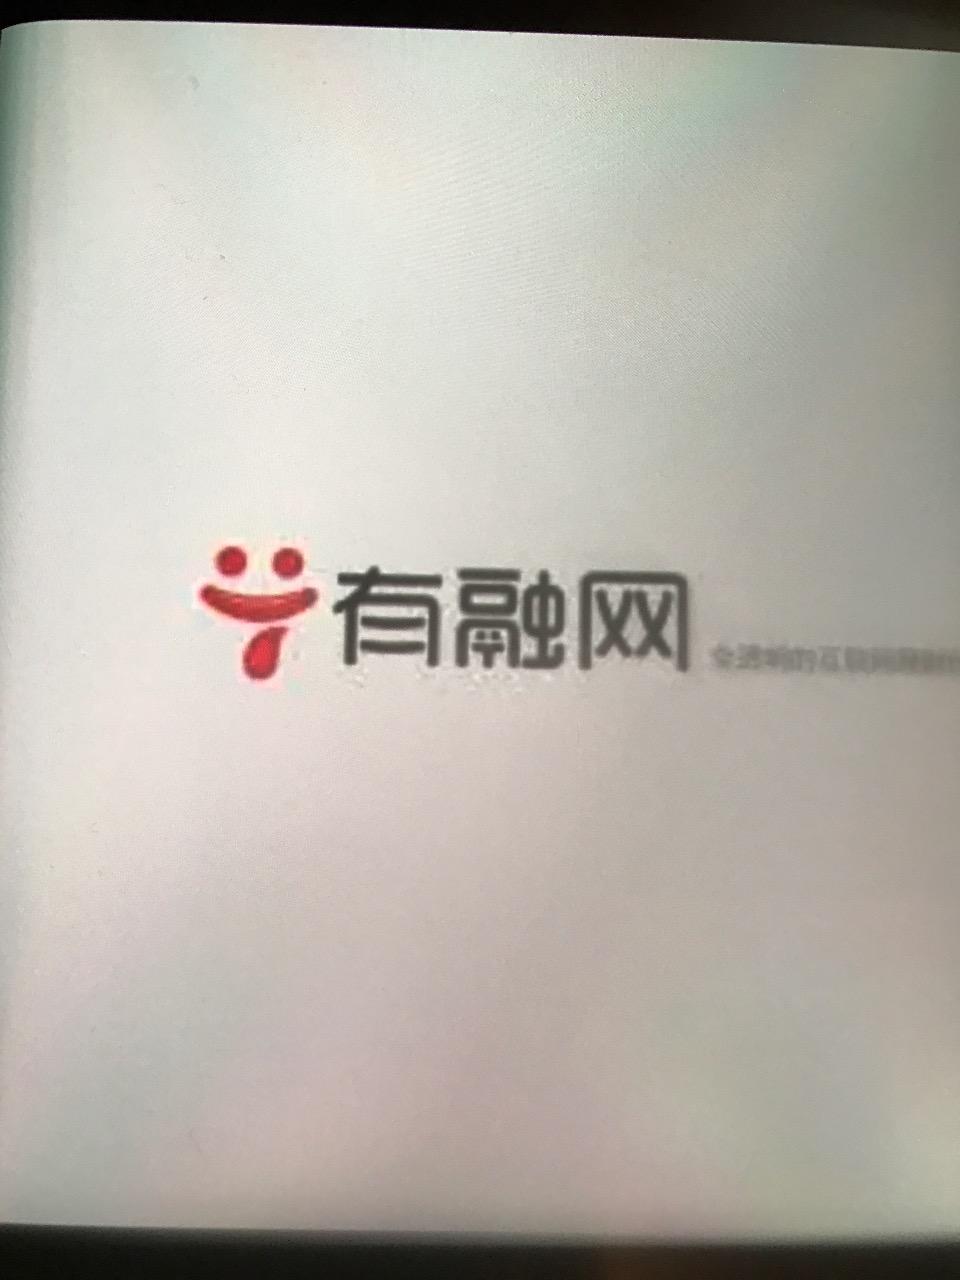 杭州信有诚互联网金融服务有限公司